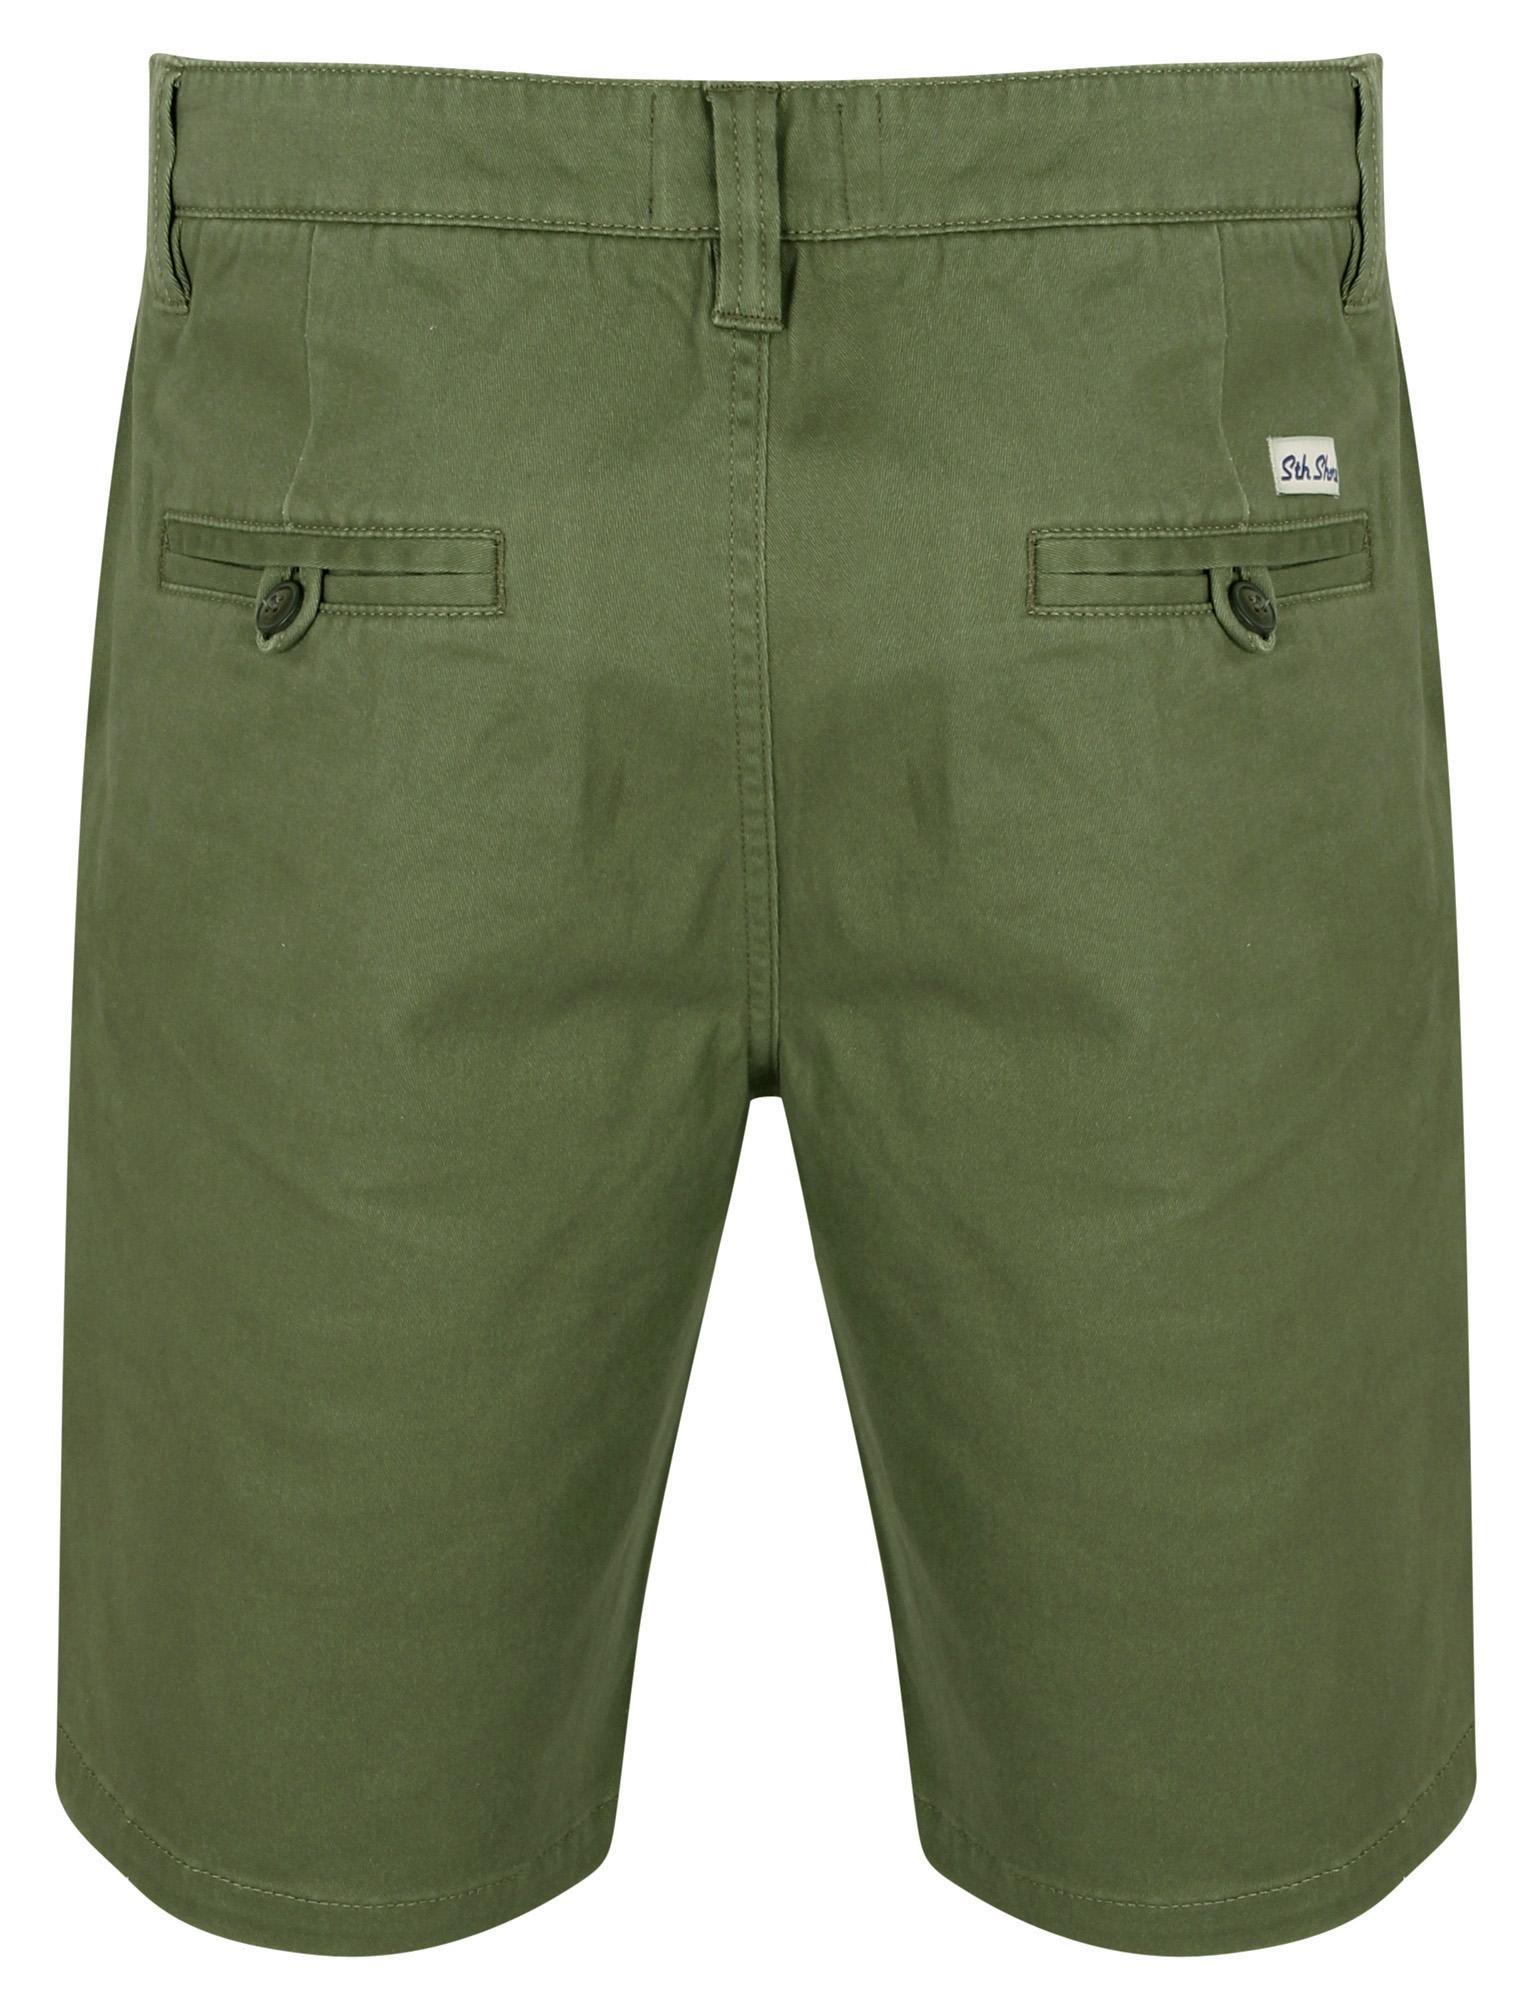 South-Shore-uomo-Scotch-Tinta-Unita-Cotone-Twill-Casual-Jeans-Corti-Chino-Taglia-S-XXL miniatura 17